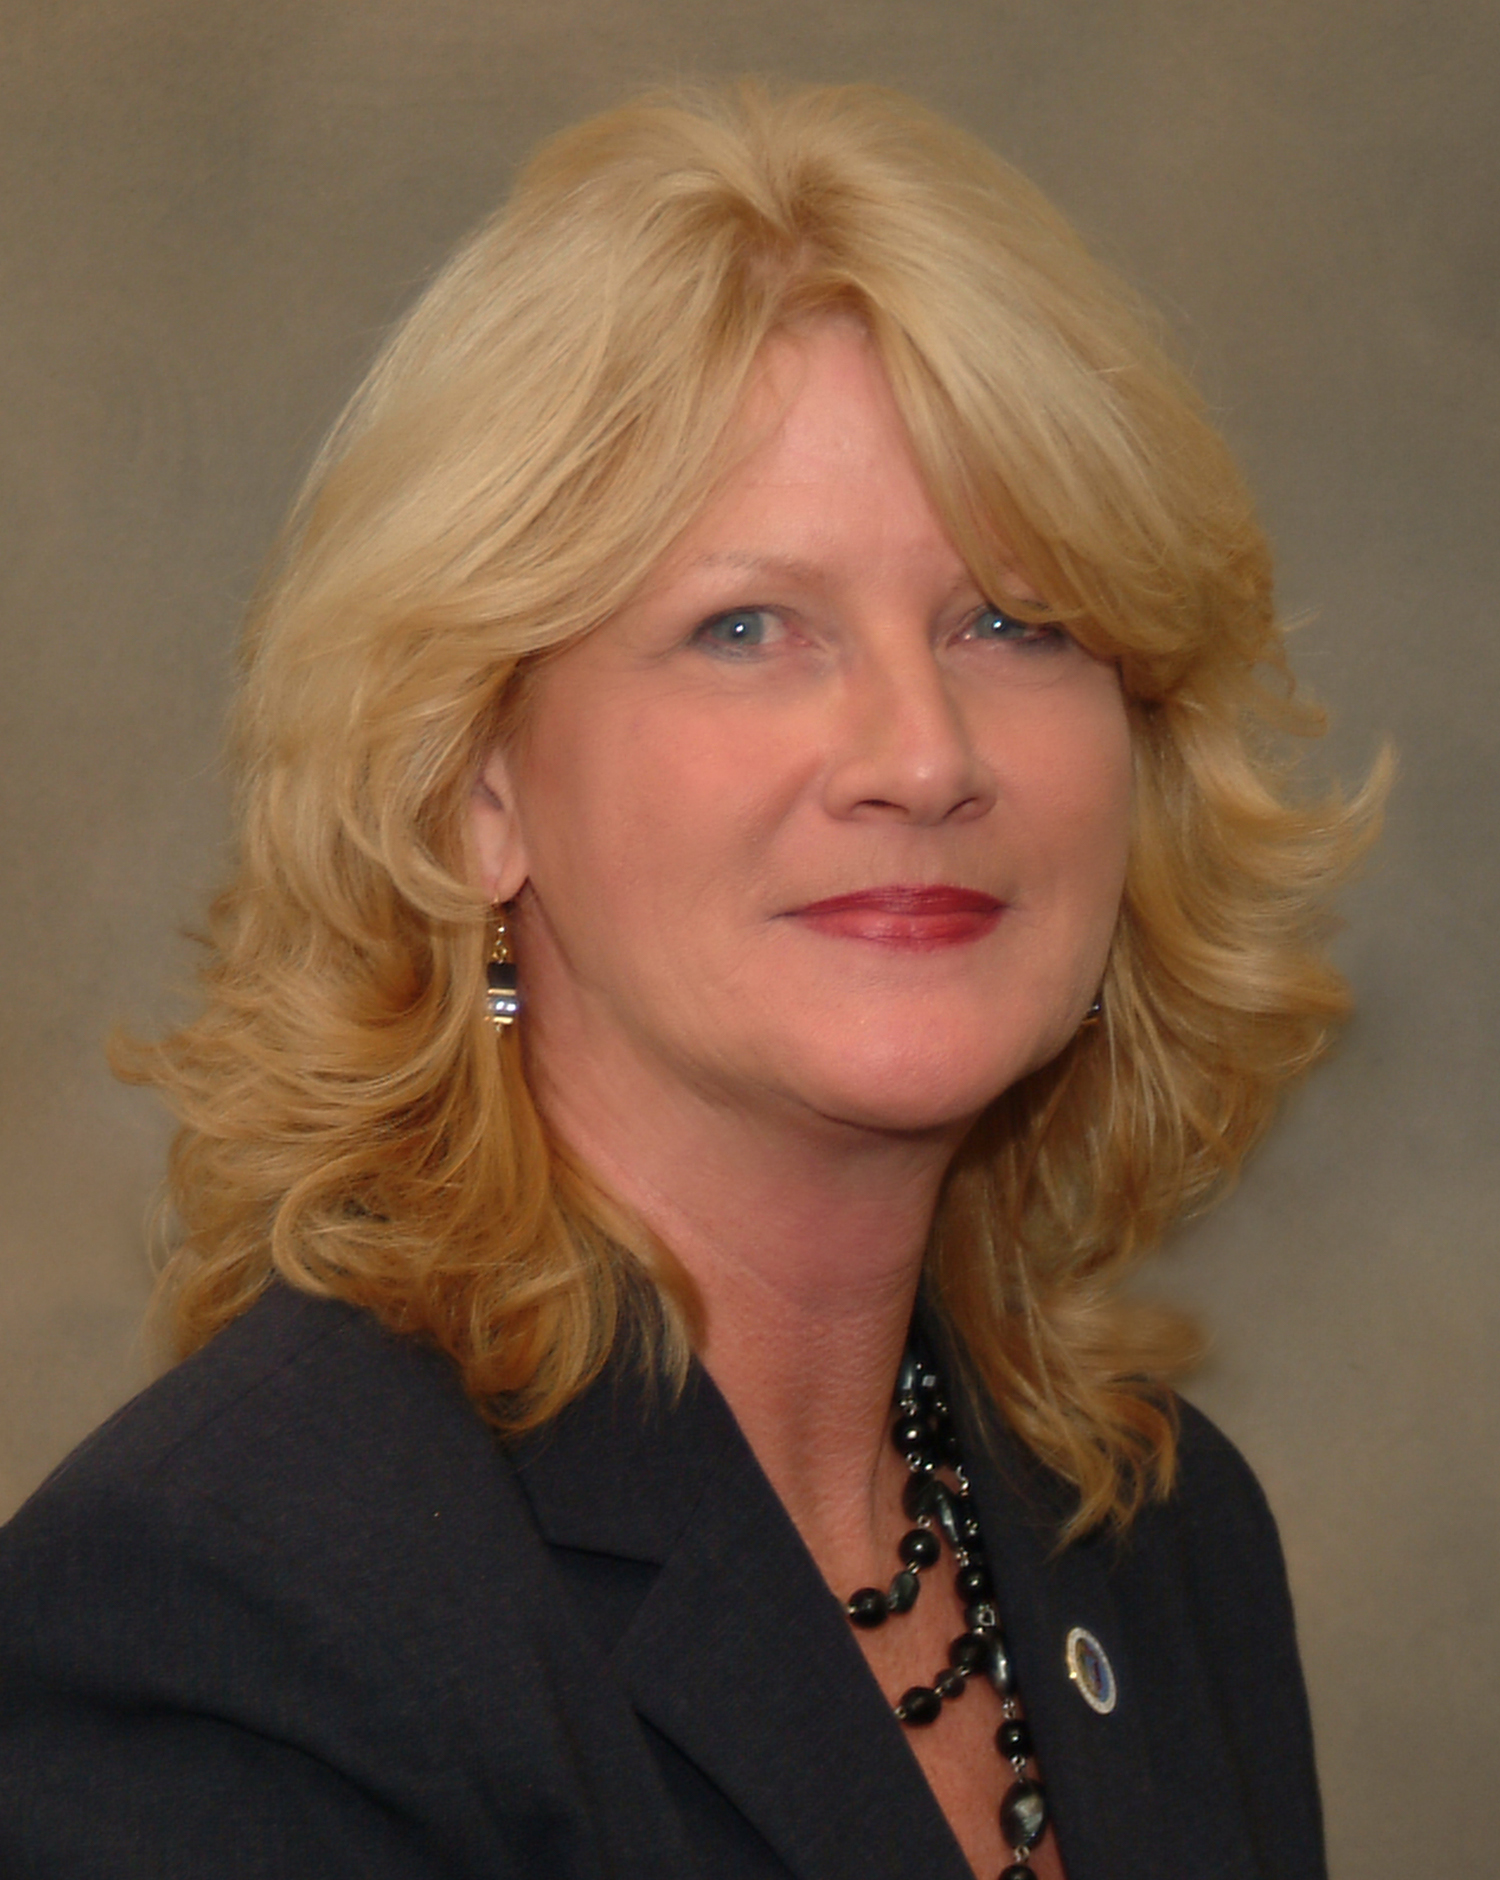 Cathy Scott